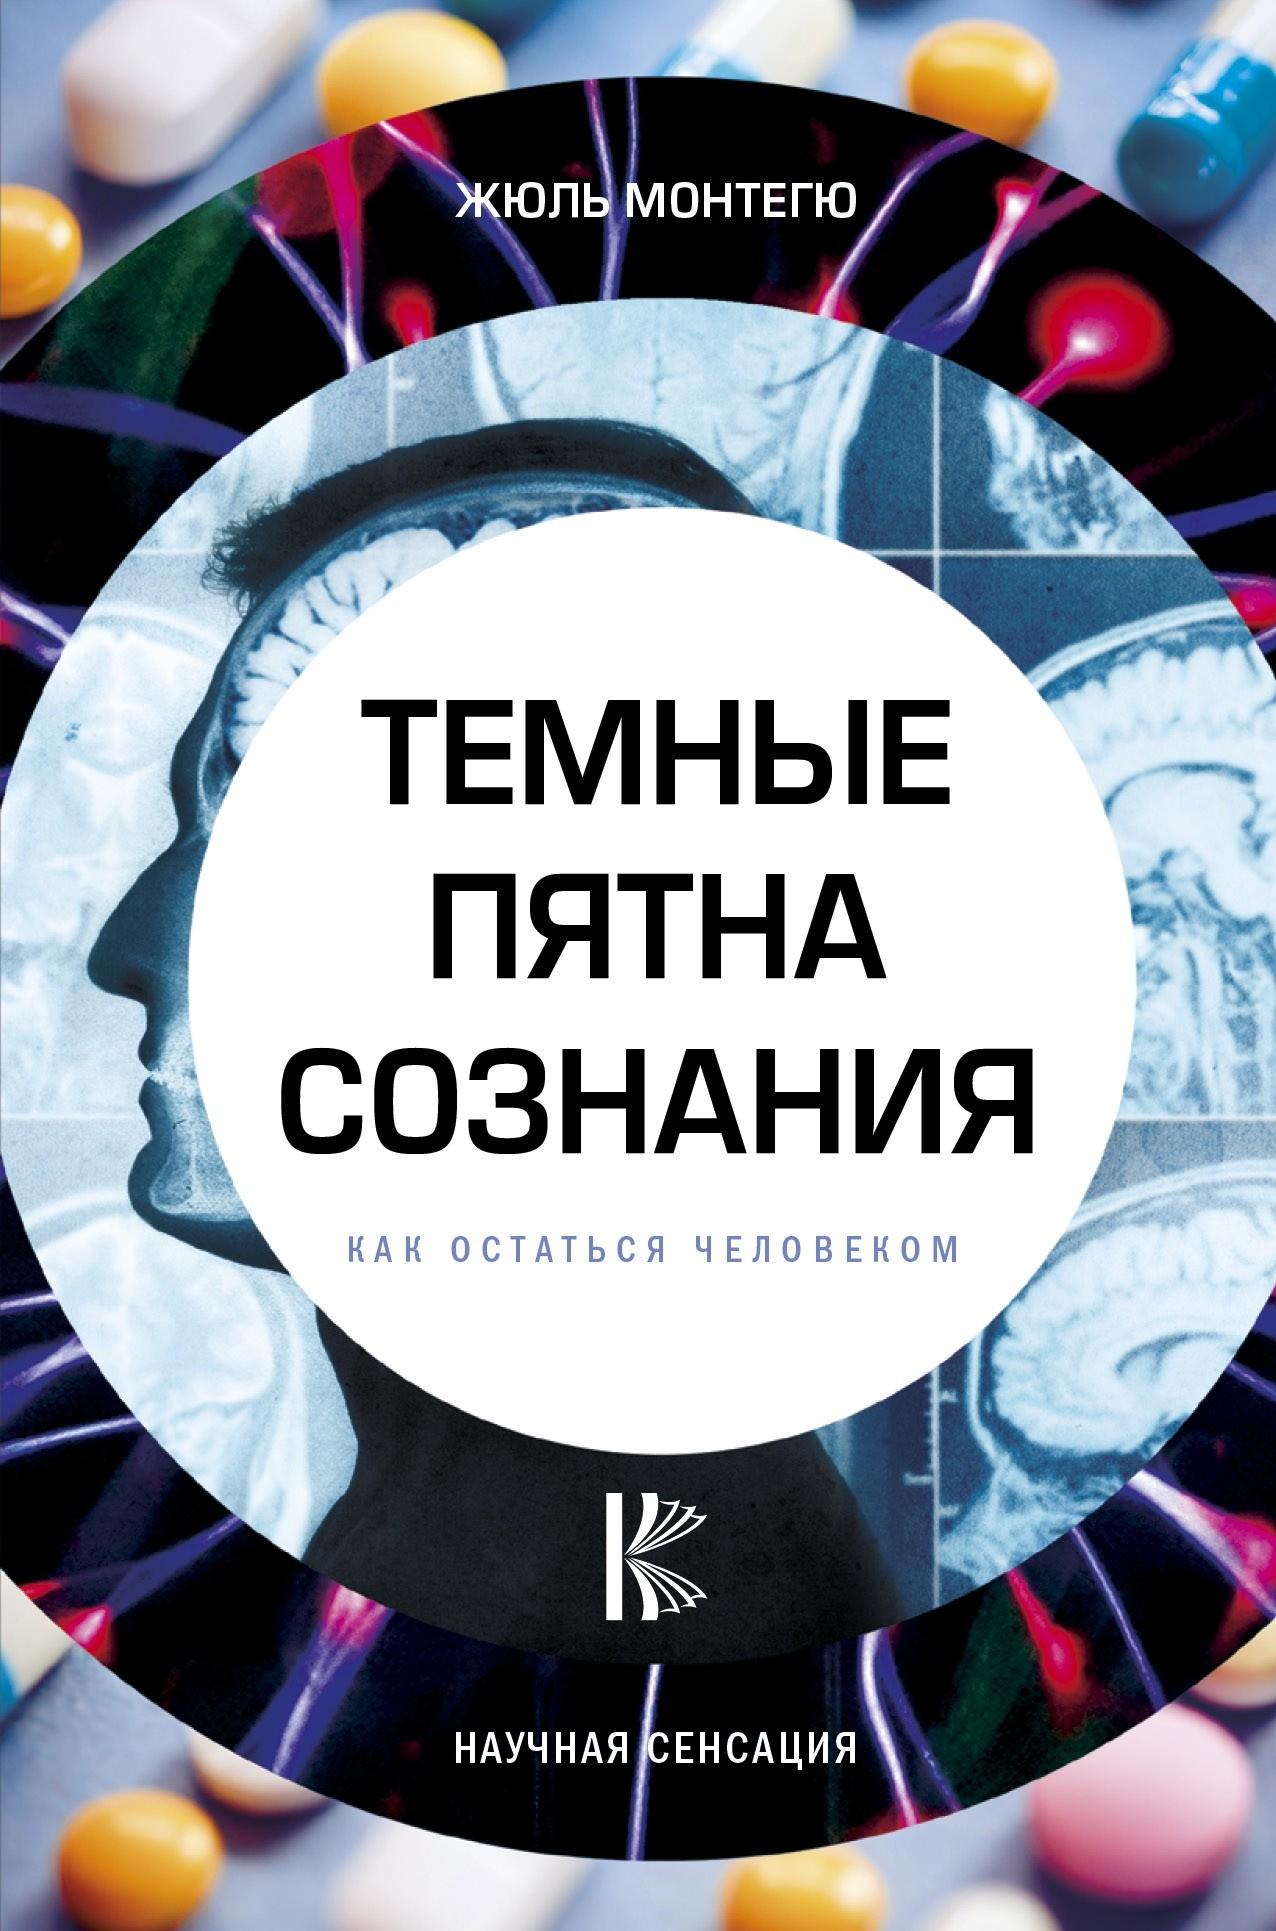 Жюль Монтегю, «Темные пятна сознания. Как остаться человеком»